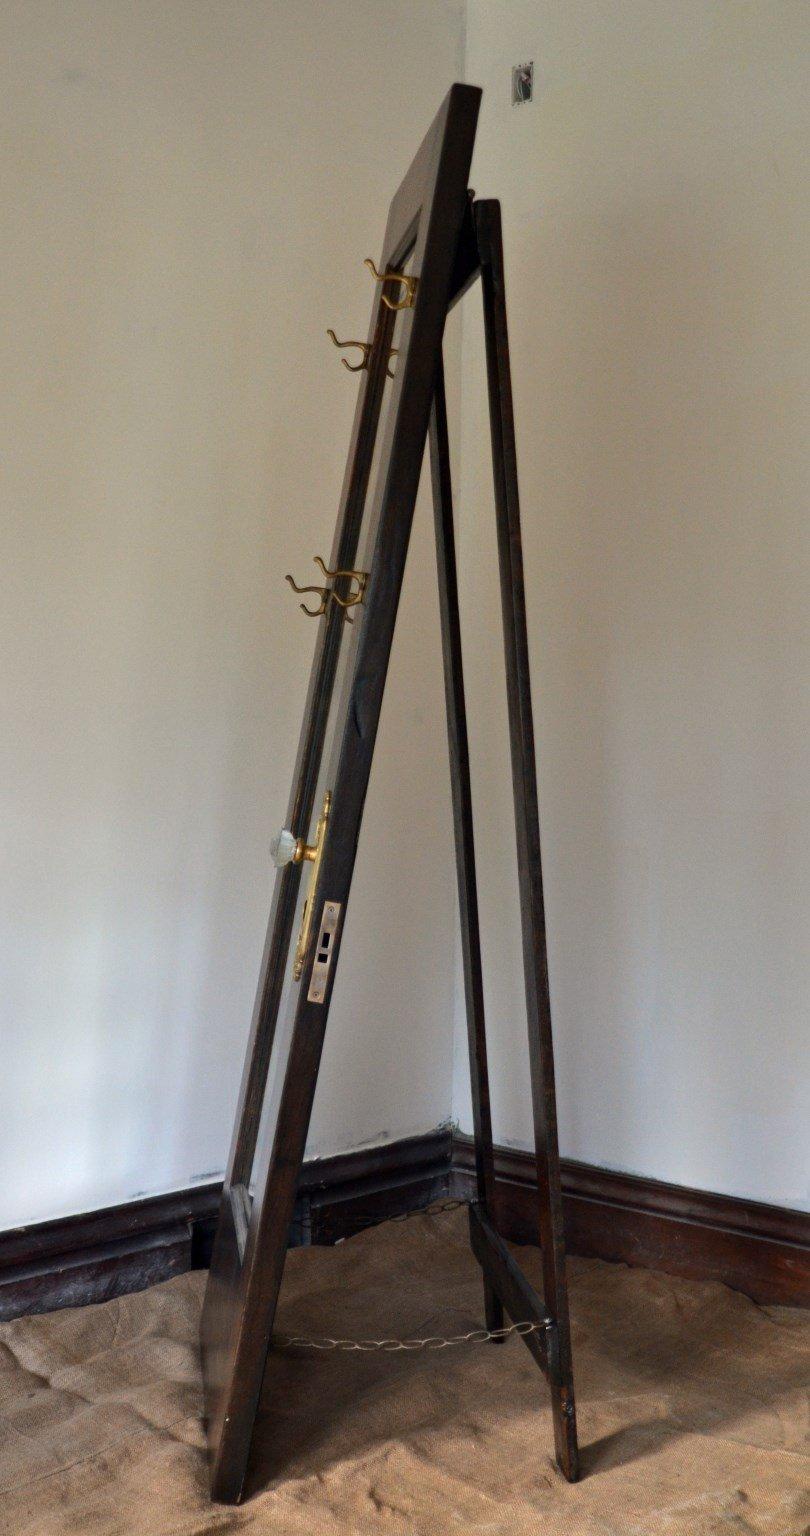 Full Length Standing Mirror - Vintage Door Standing Mirror with Hooks